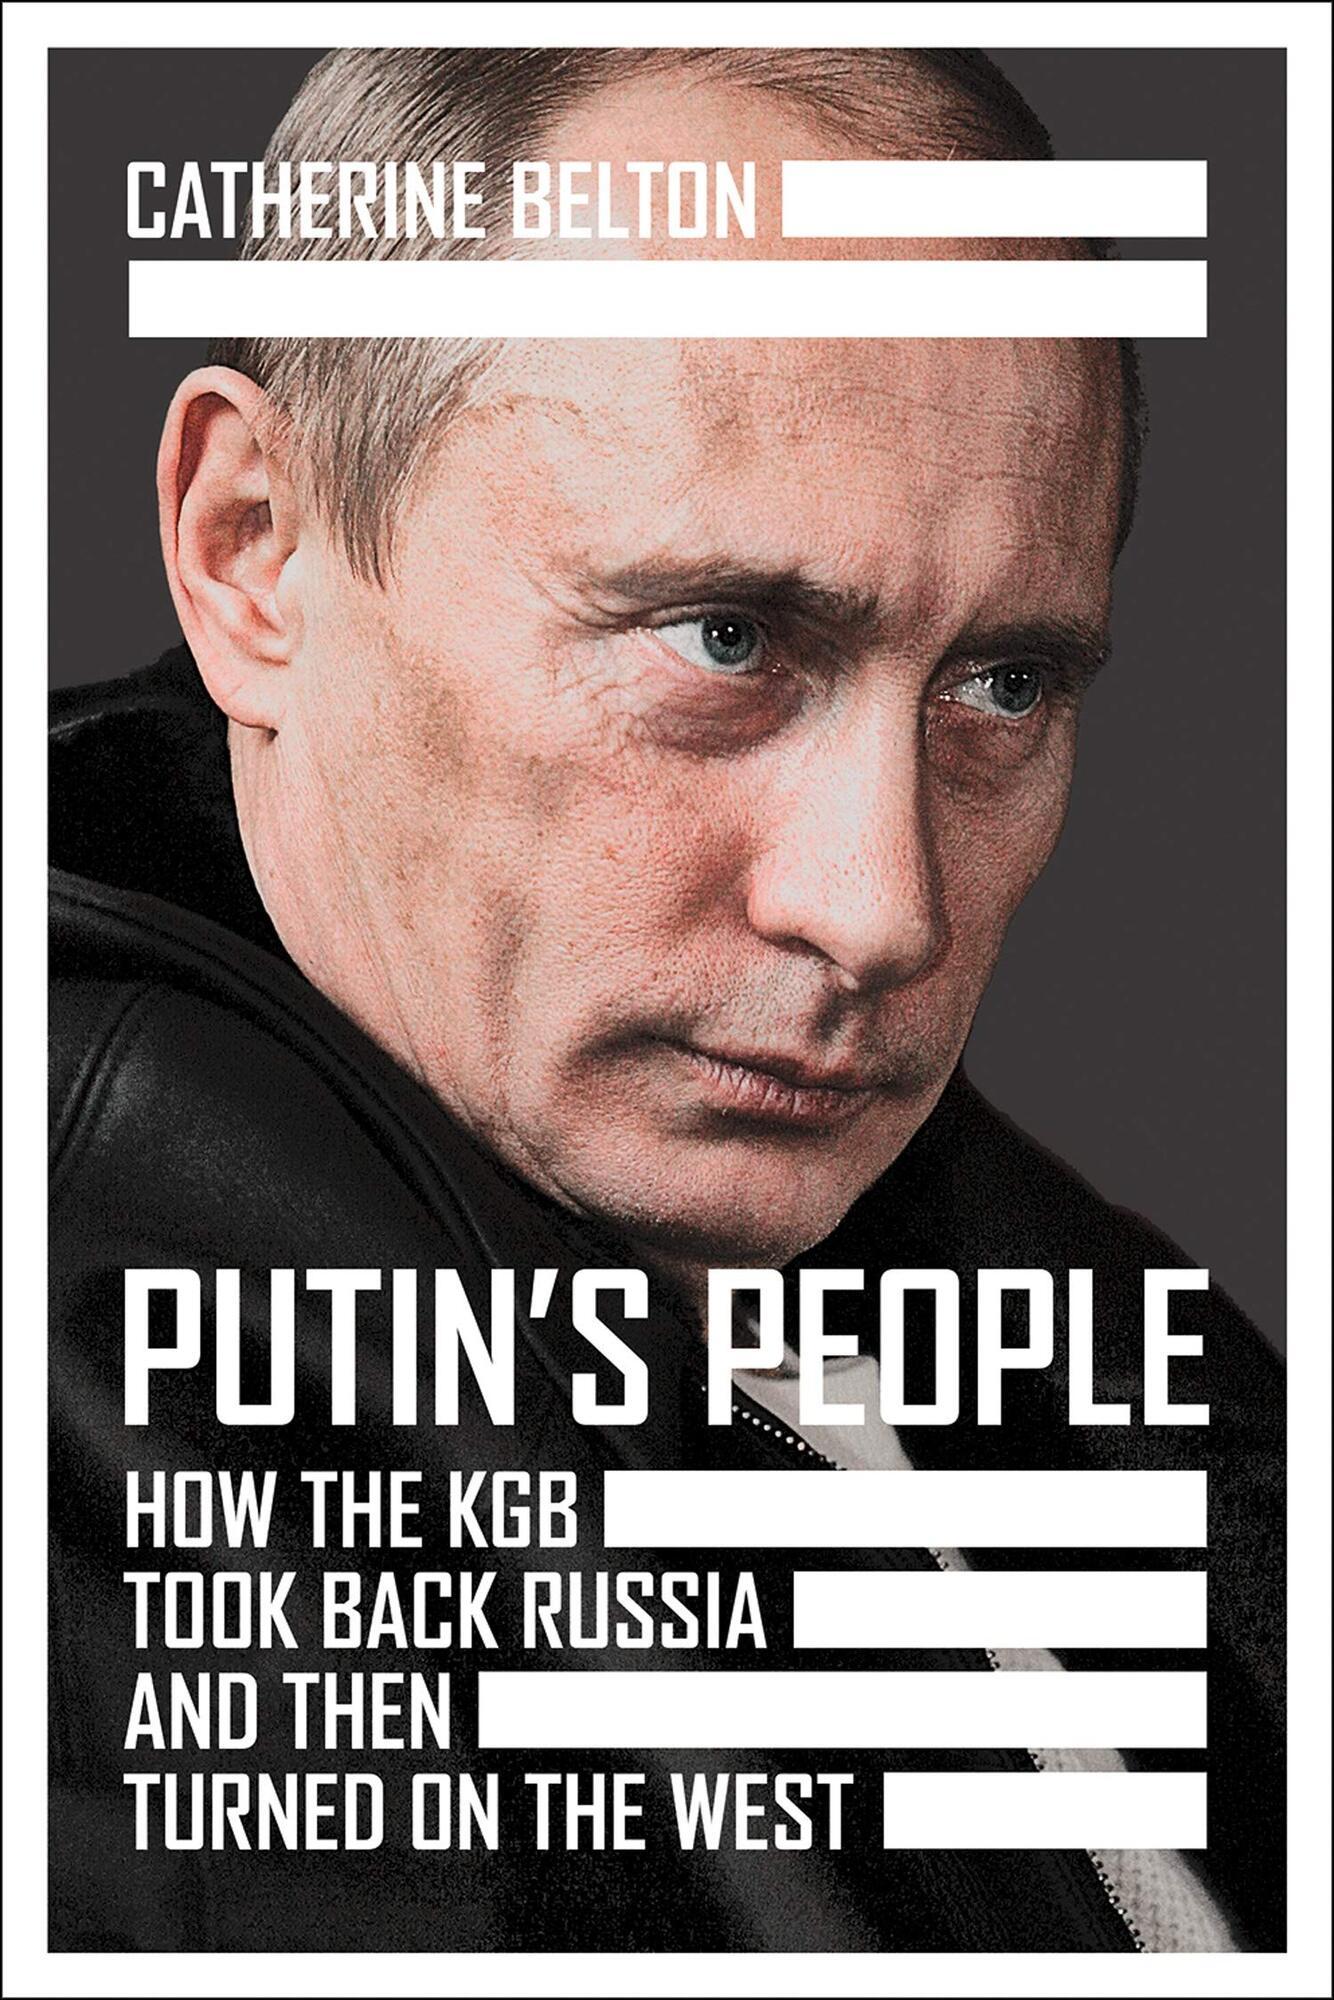 Обкладинка нової книги про Путіна